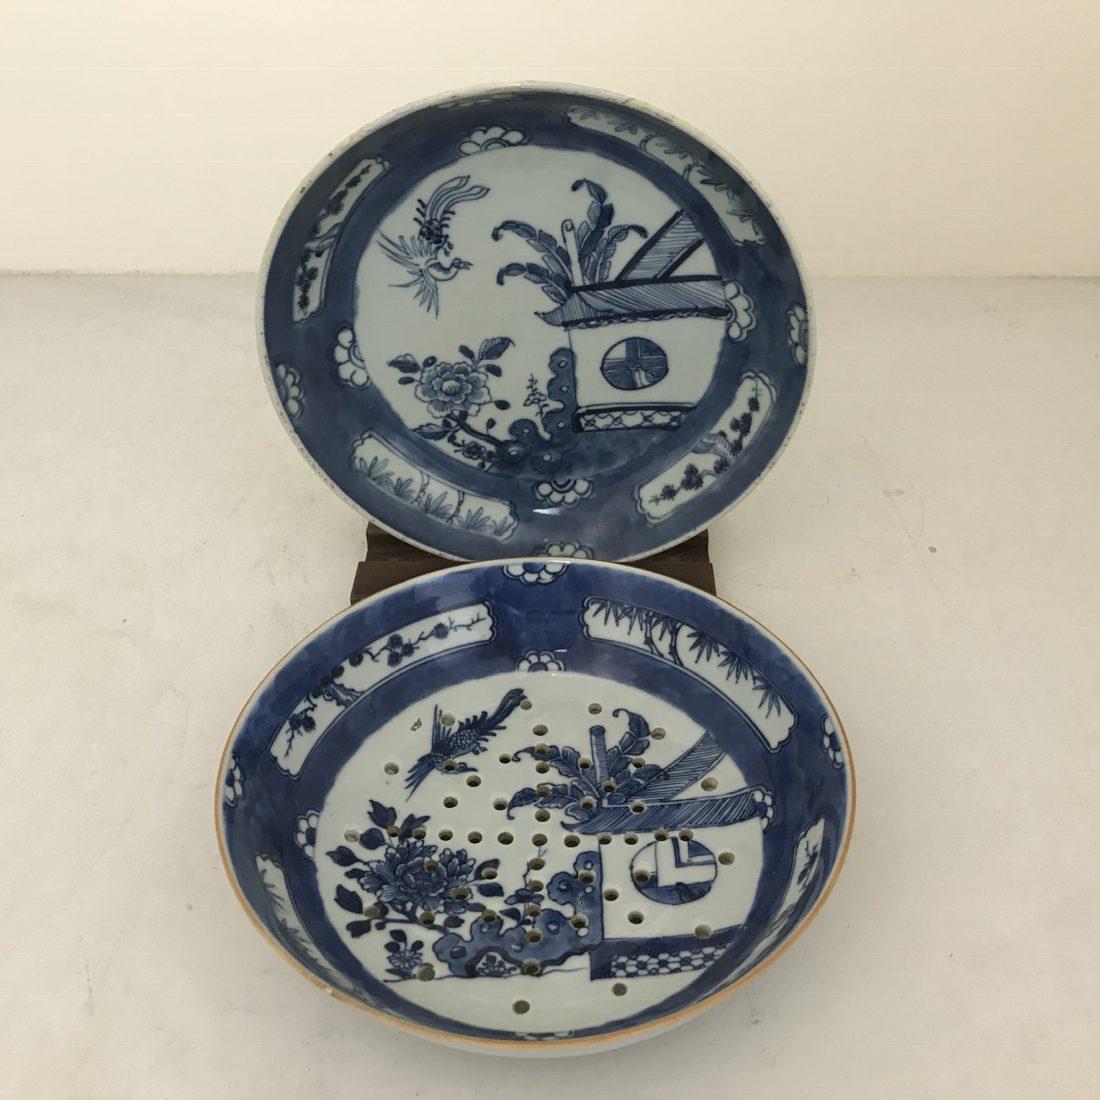 Blauw/wit porseleinen fruittest met de bijbehorende onderschotel, China, midden 19e eeuw